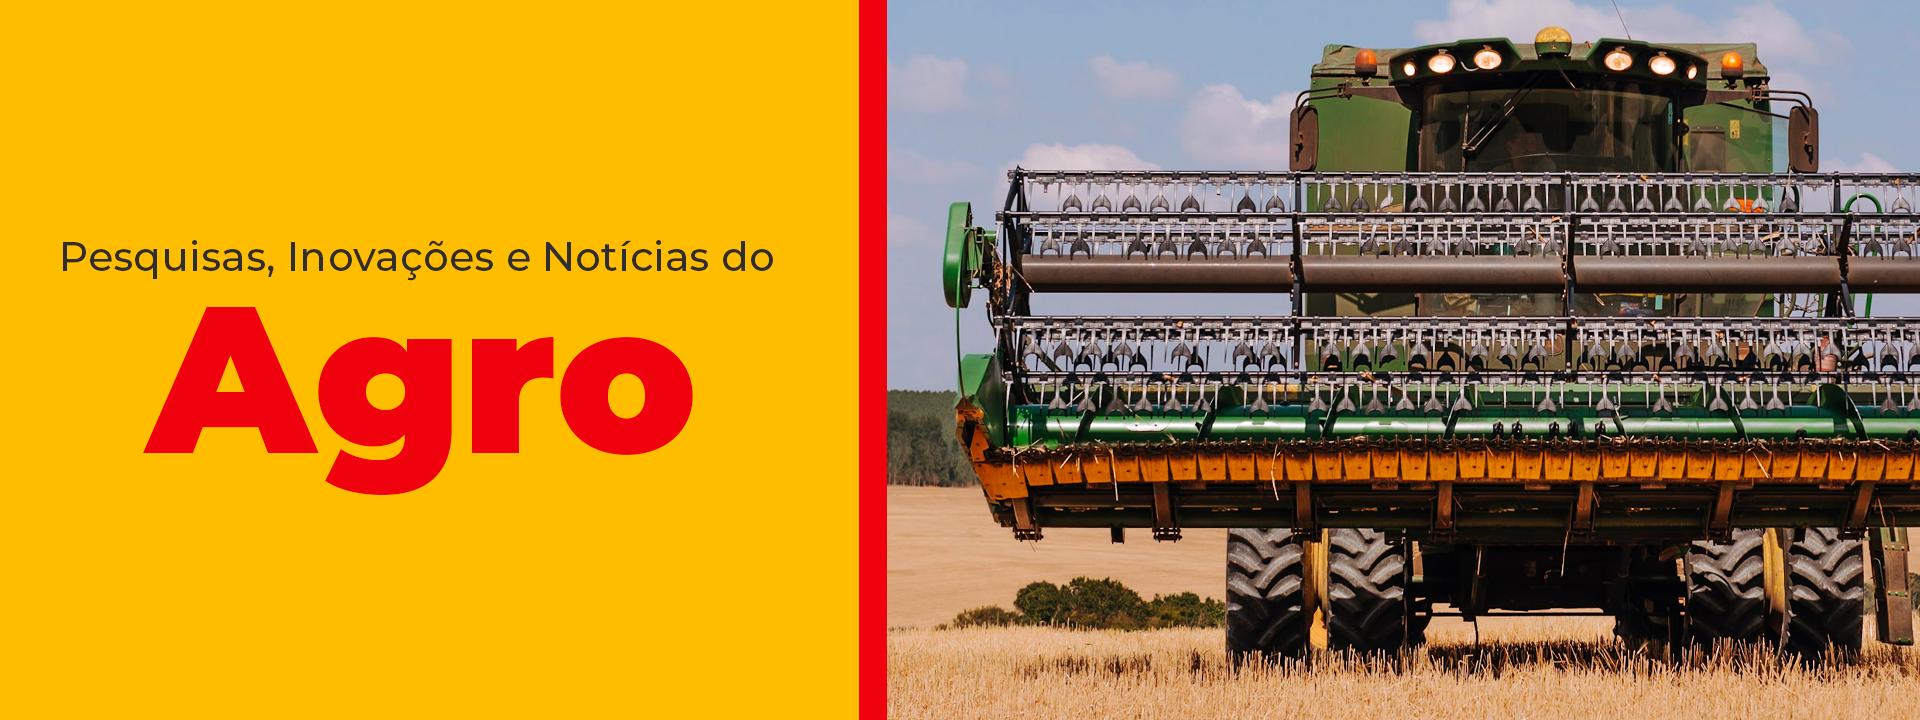 noticias-do-agro-blog-da-rivelli-bg-sem-botao